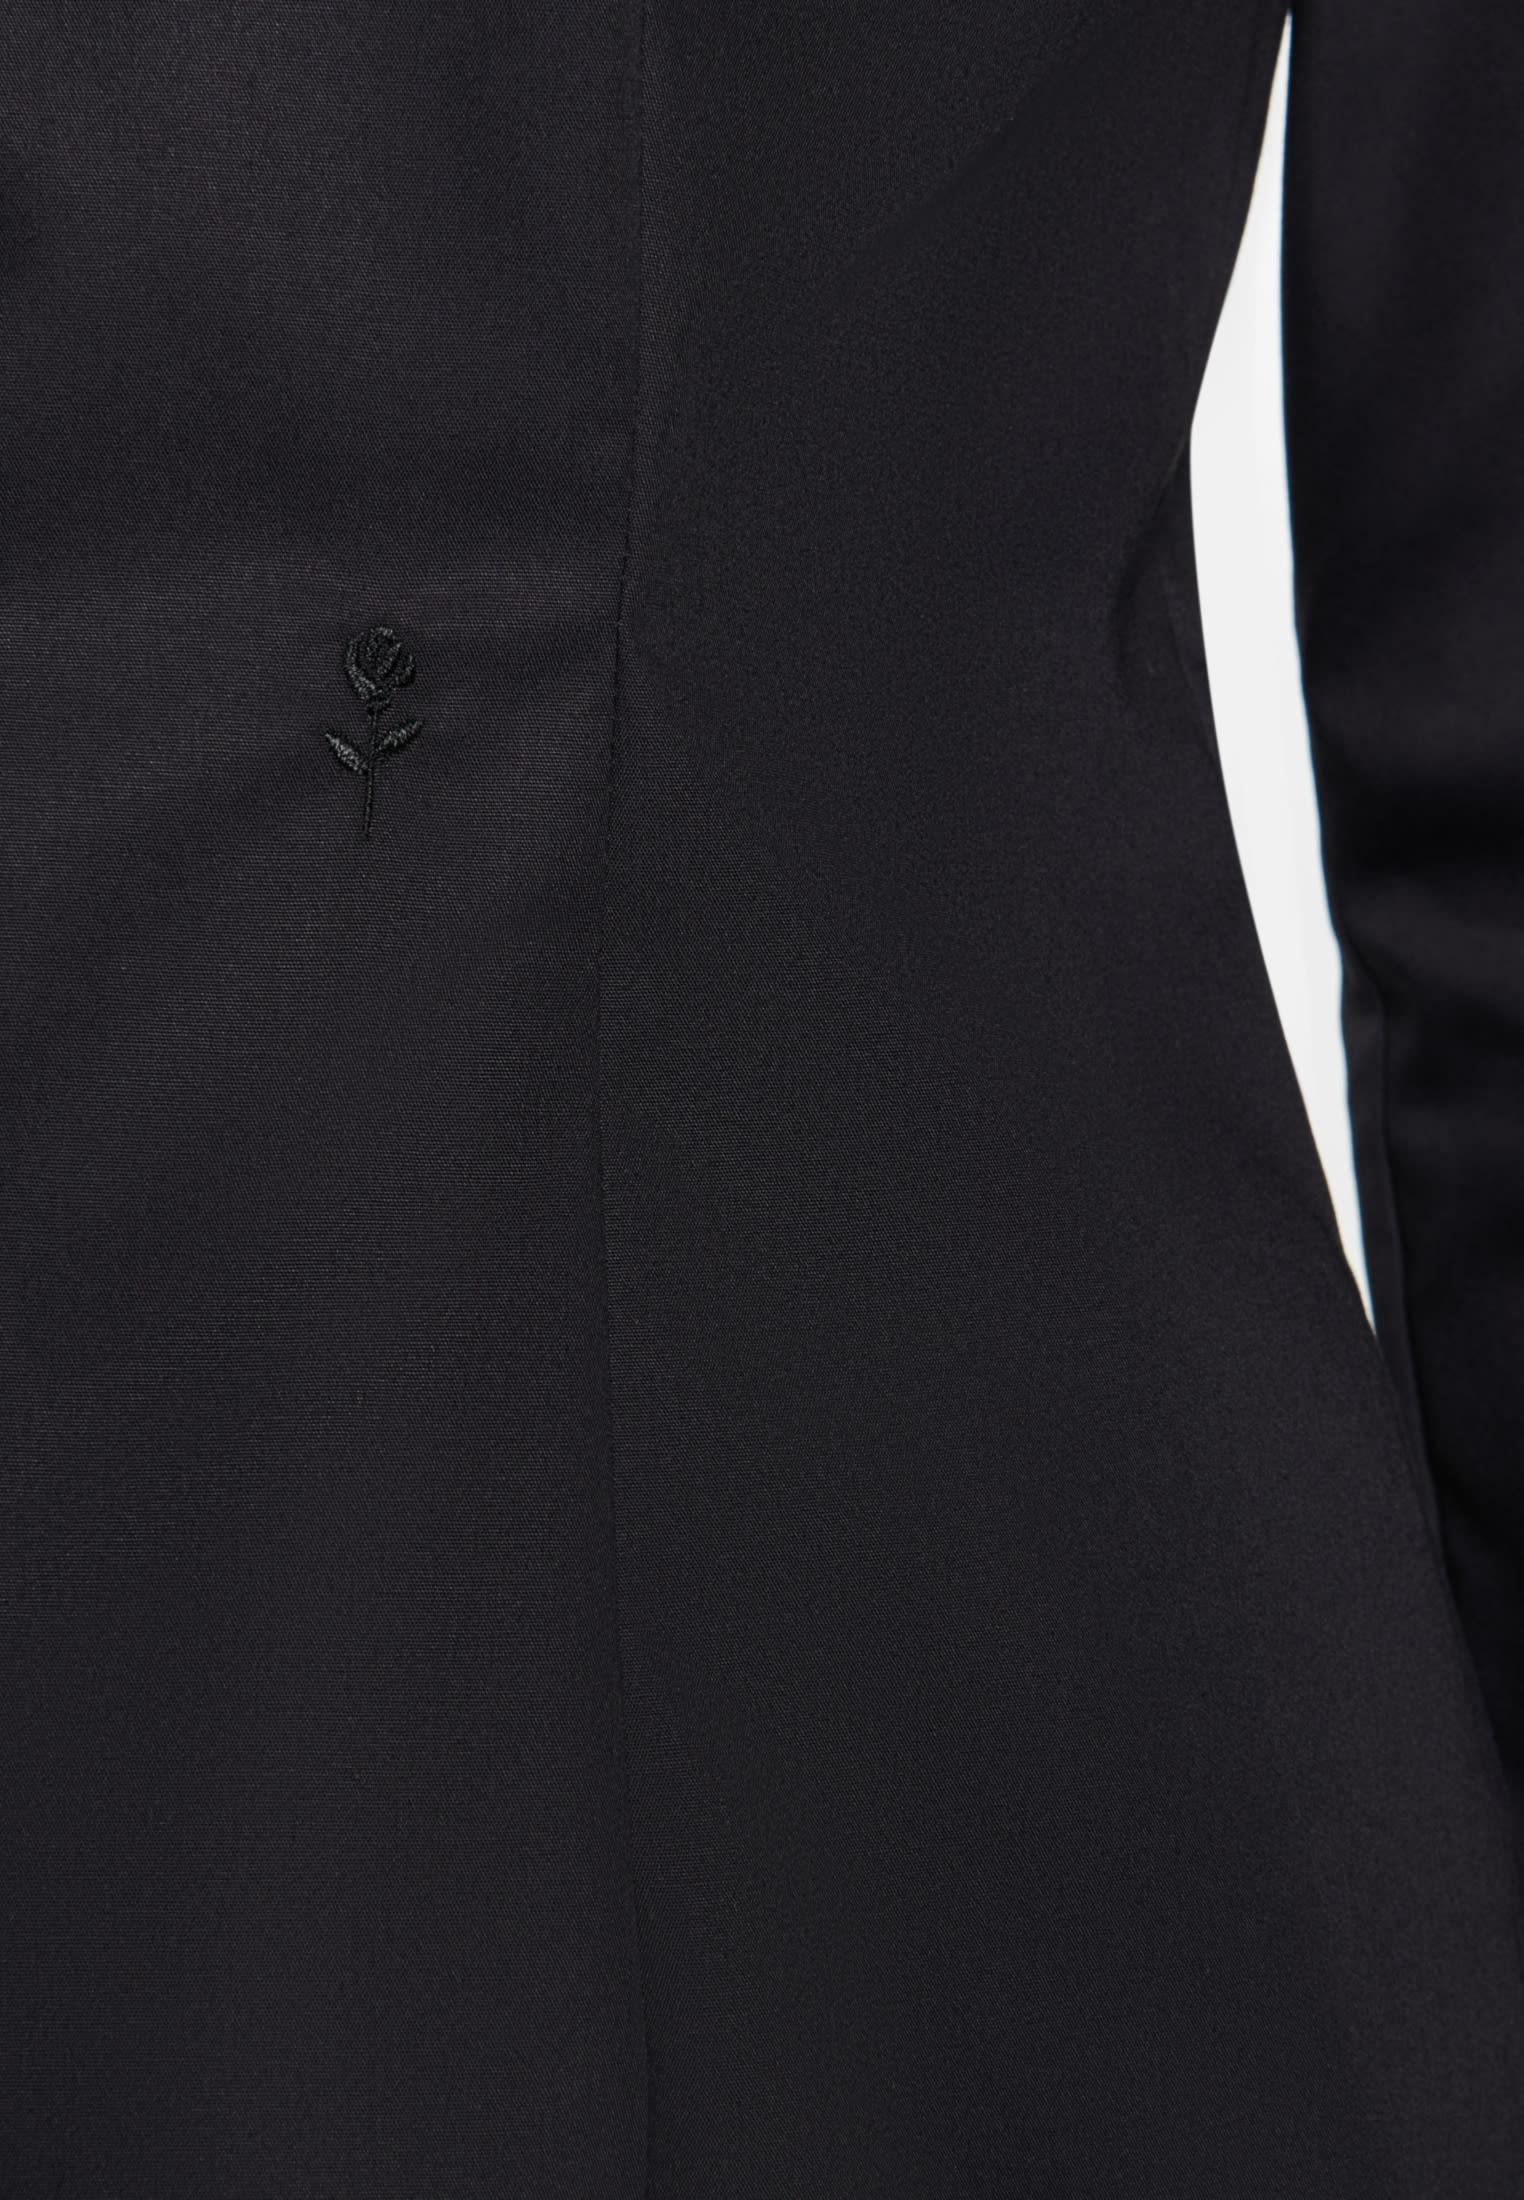 Bügelfreie Popeline Kelchkragenbluse aus 100% Baumwolle in Schwarz |  Seidensticker Onlineshop